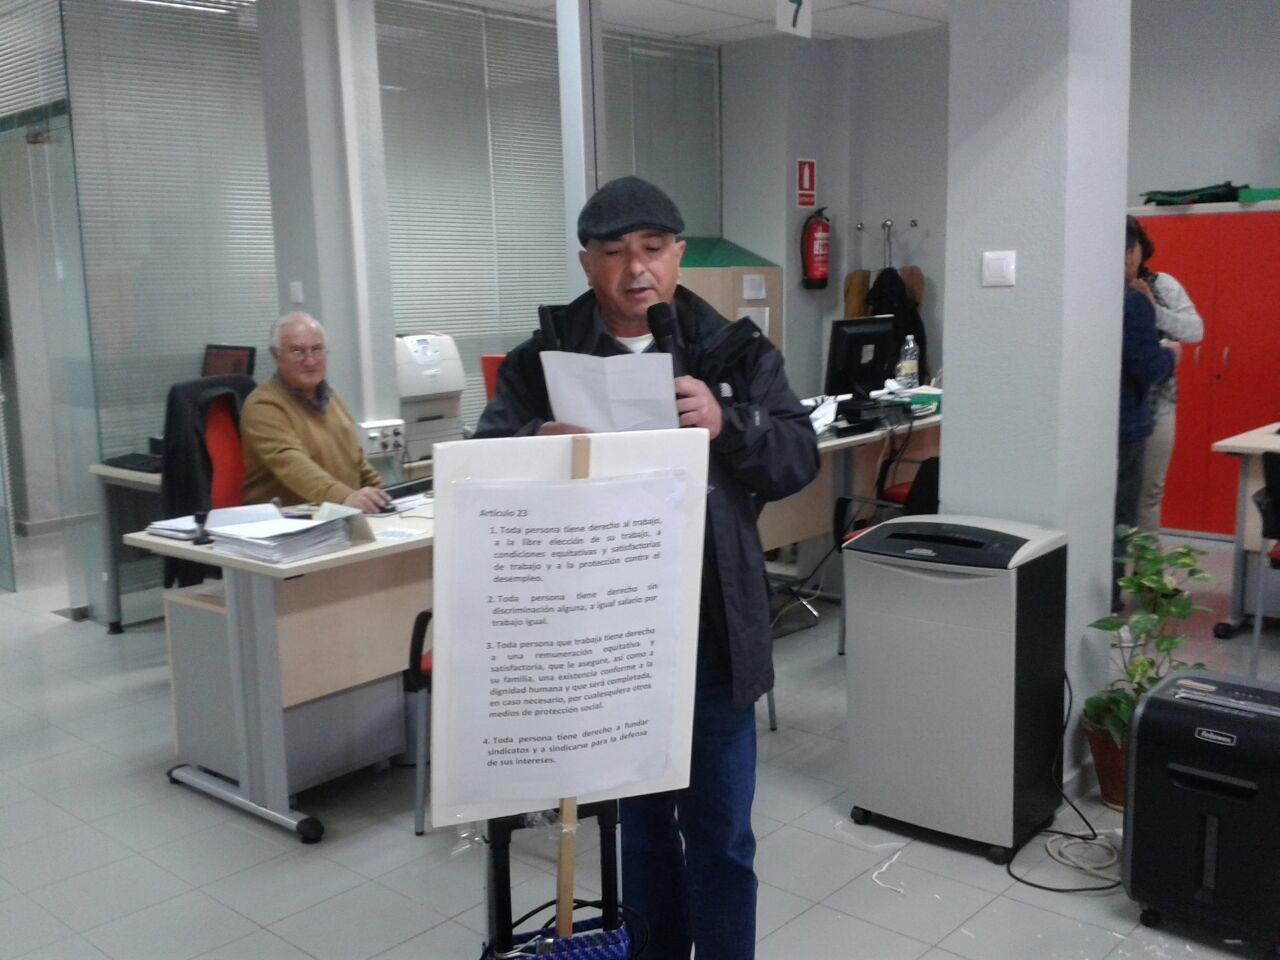 En el sae de puerto real por el derecho al trabajo digno asociaci n pro derechos humanos de - Trabajo en el puerto ...